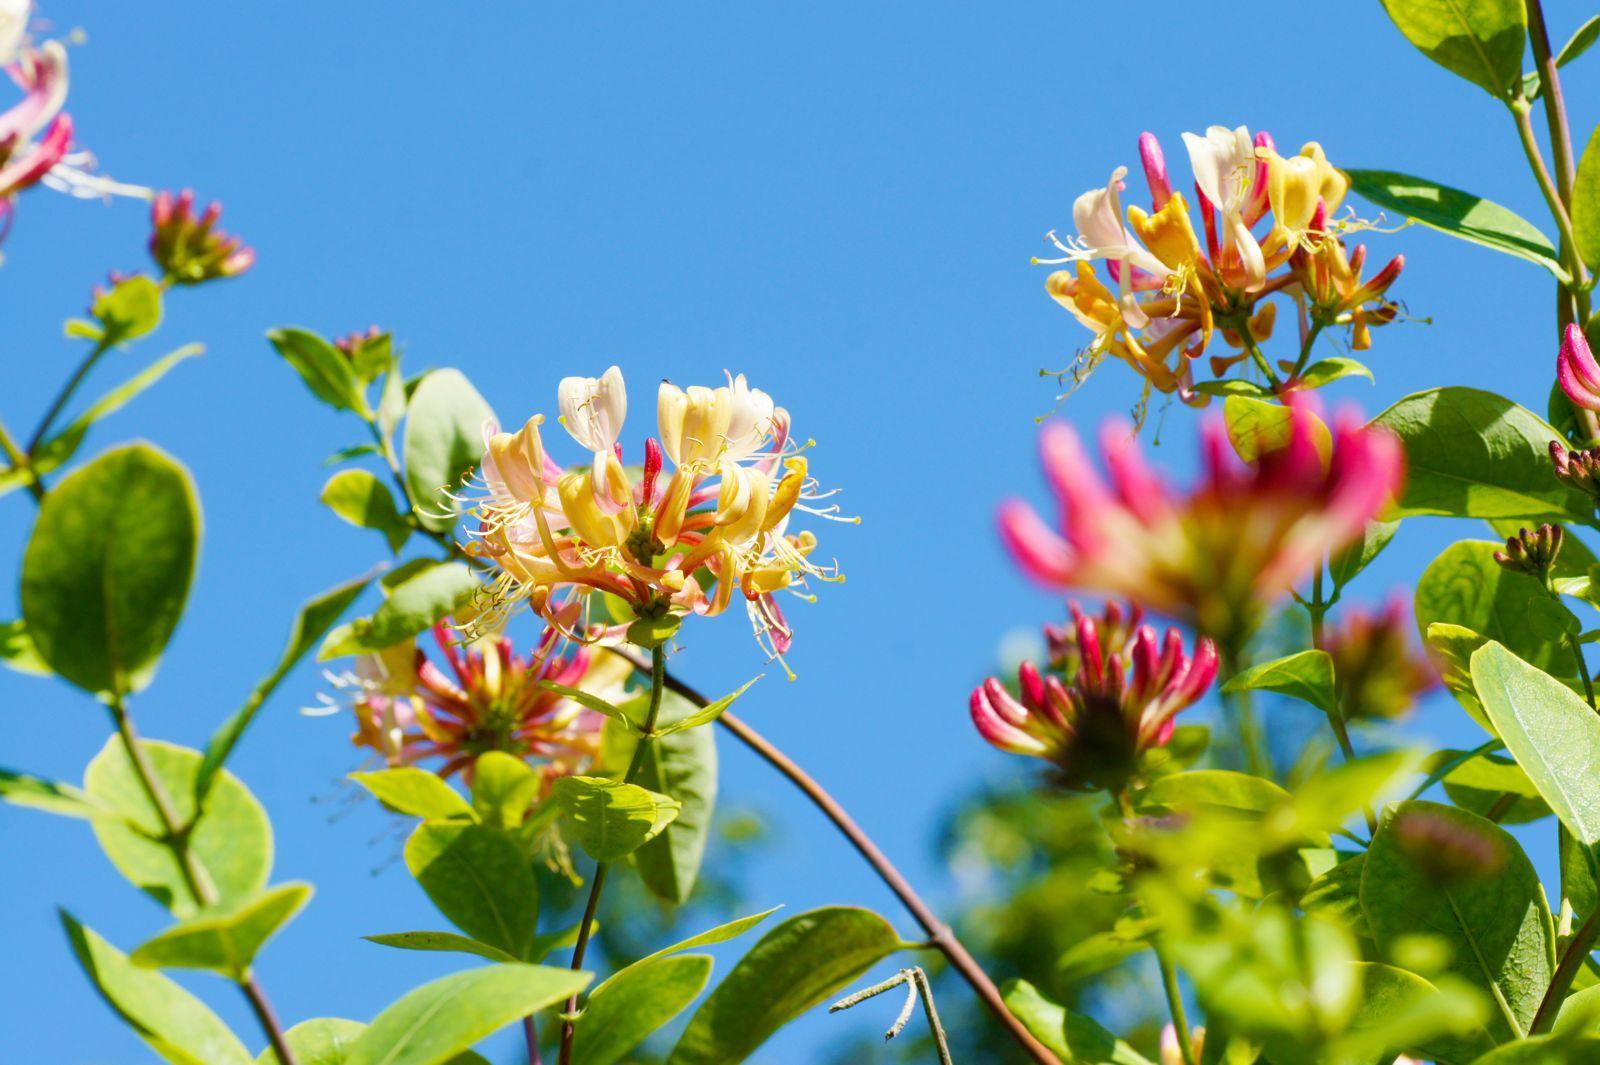 Insektenfreundliche Kletterpflanzen für den Garten - Plantura